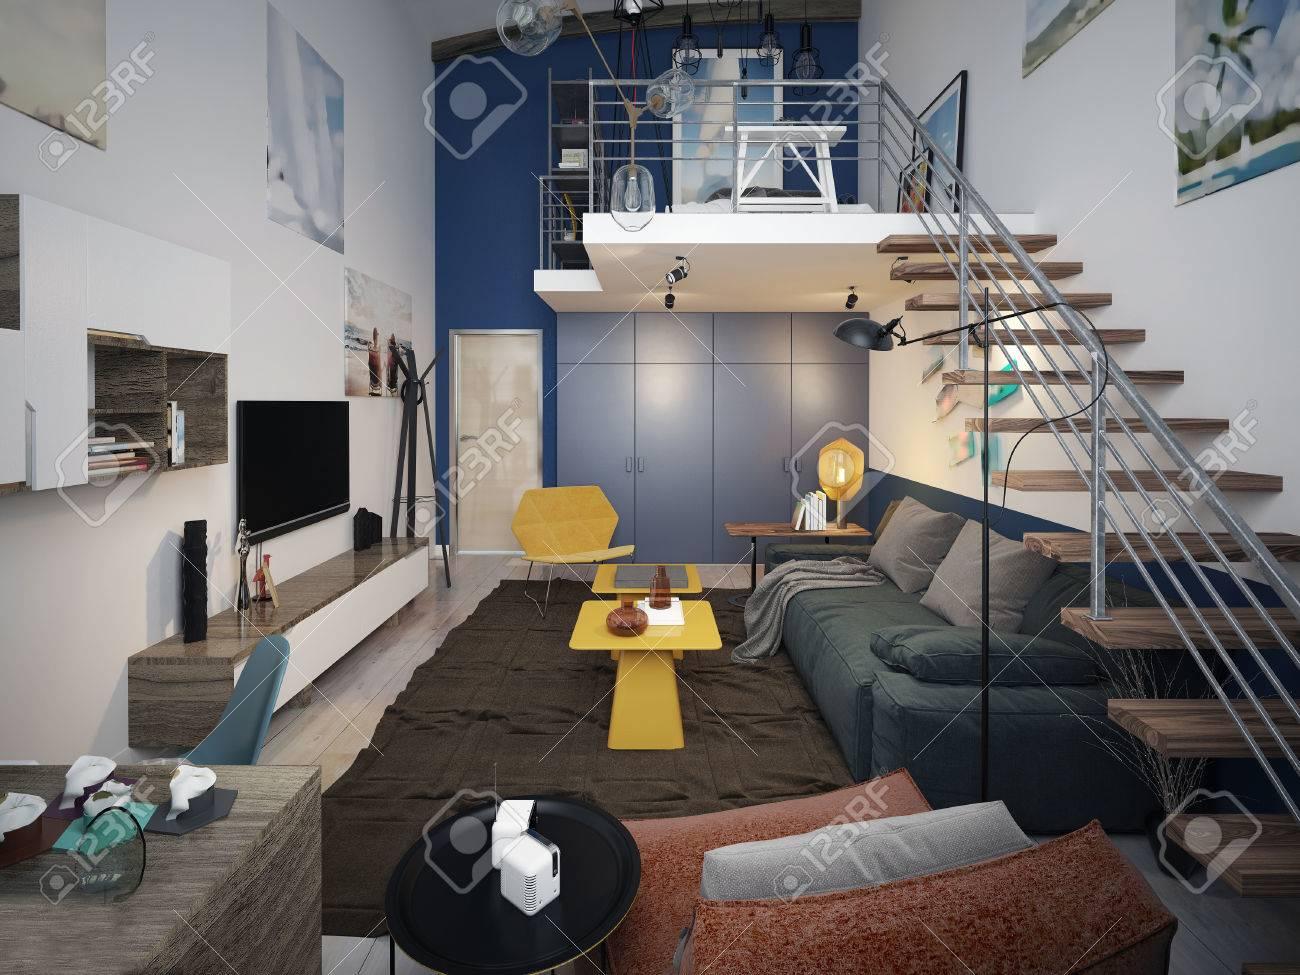 Wohnzimmer Zeitgenössischen Stil. 3D-Darstellung Lizenzfreie Fotos ...